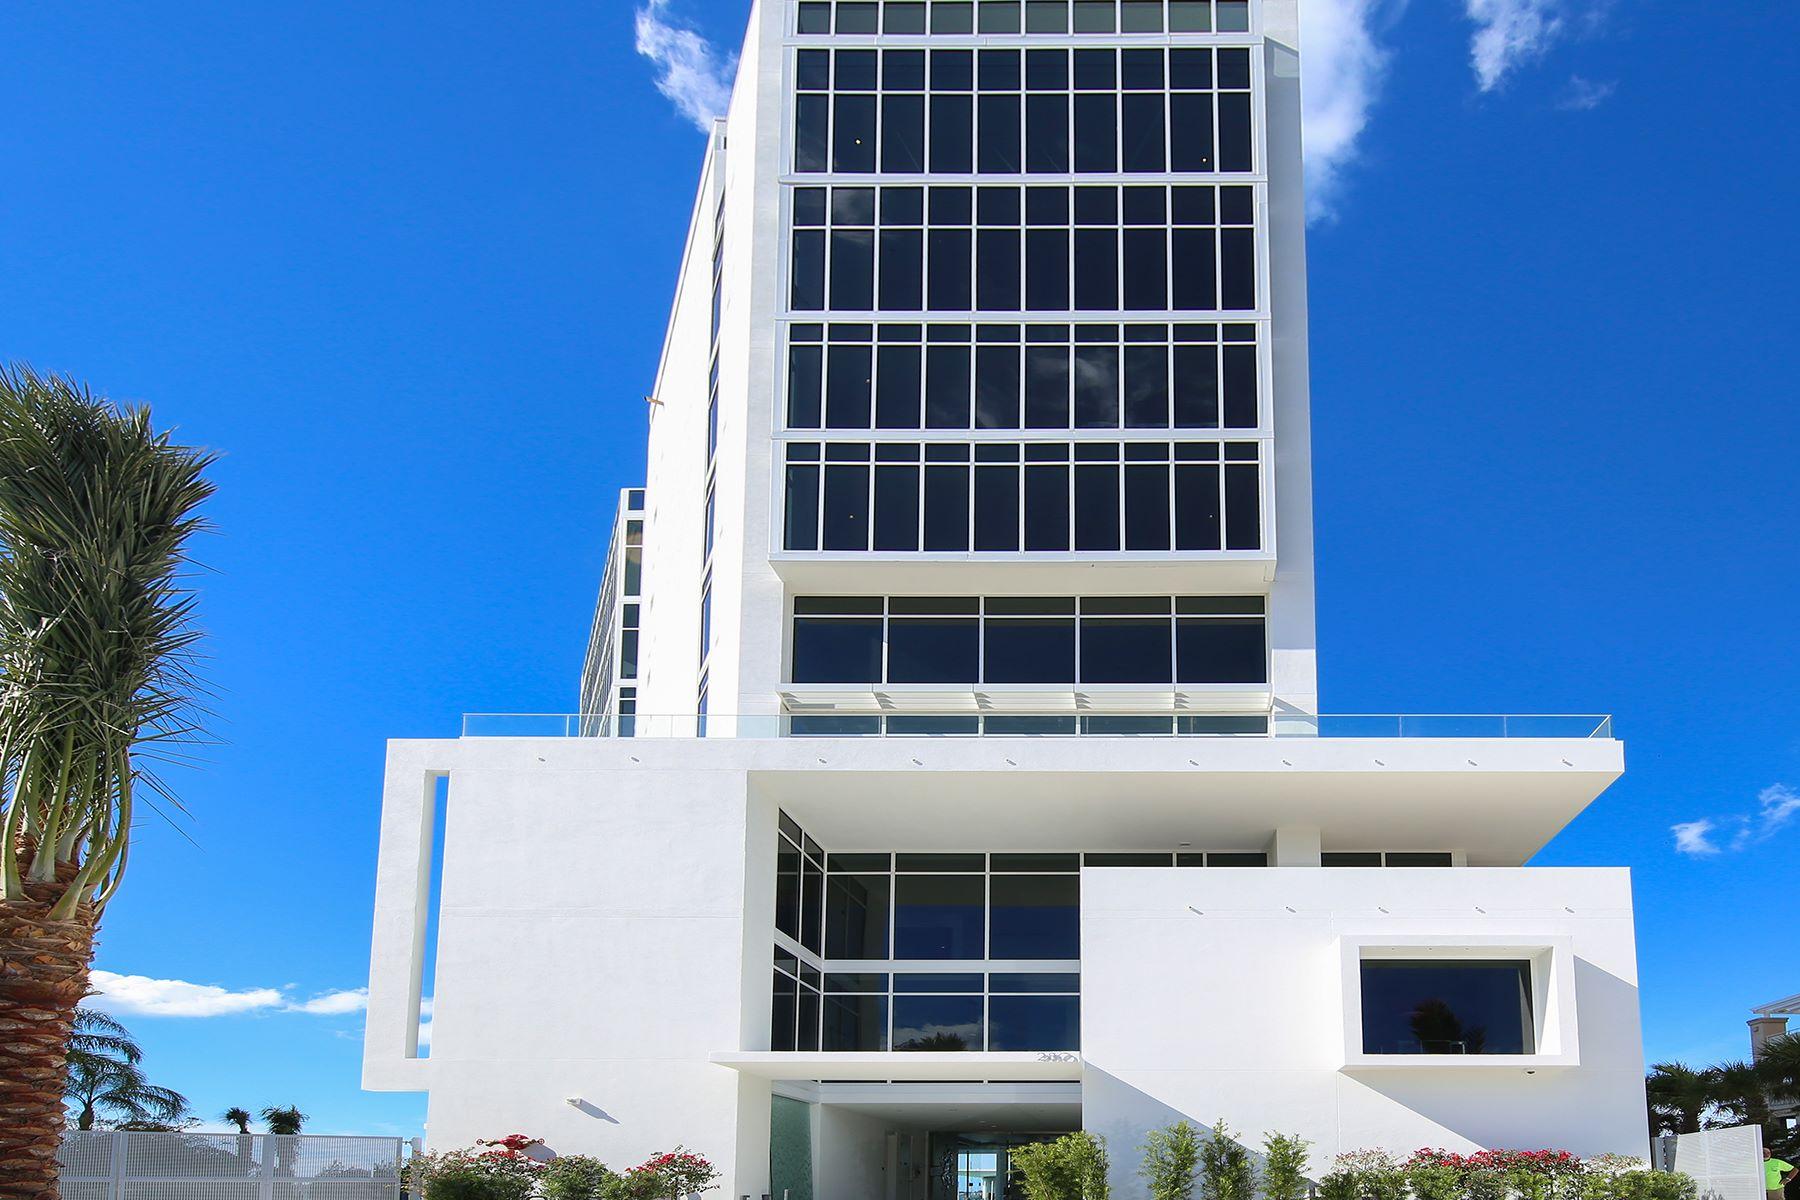 Condominio por un Venta en AQUA 280 Golden Gate Pt Grand Resid Sarasota, Florida, 34236 Estados Unidos